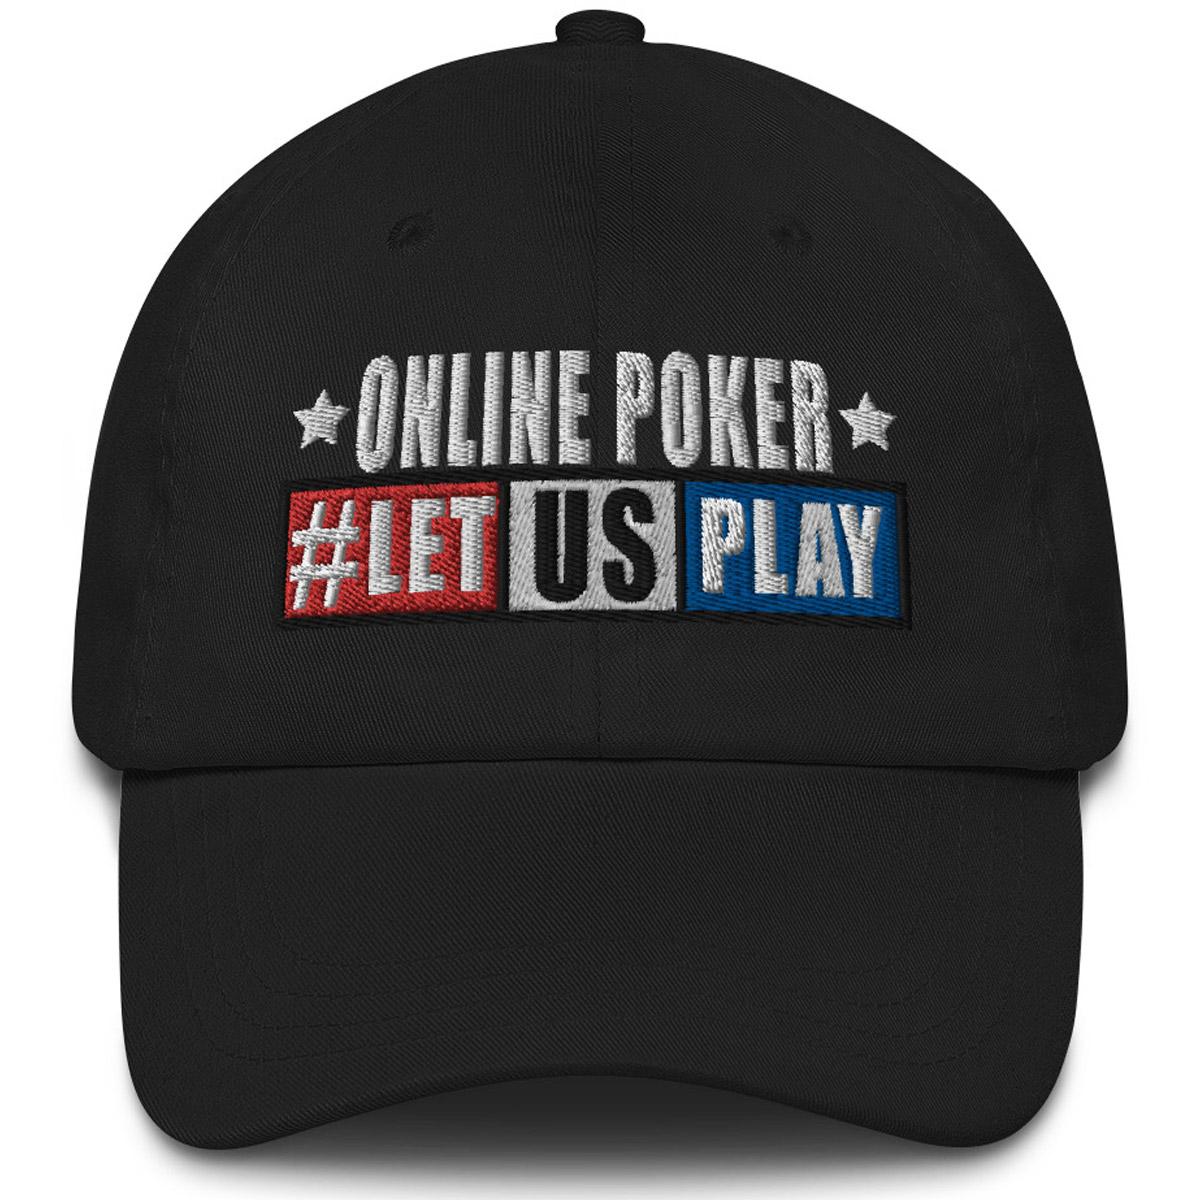 Online Poker Let US Play Dad Hat - Black